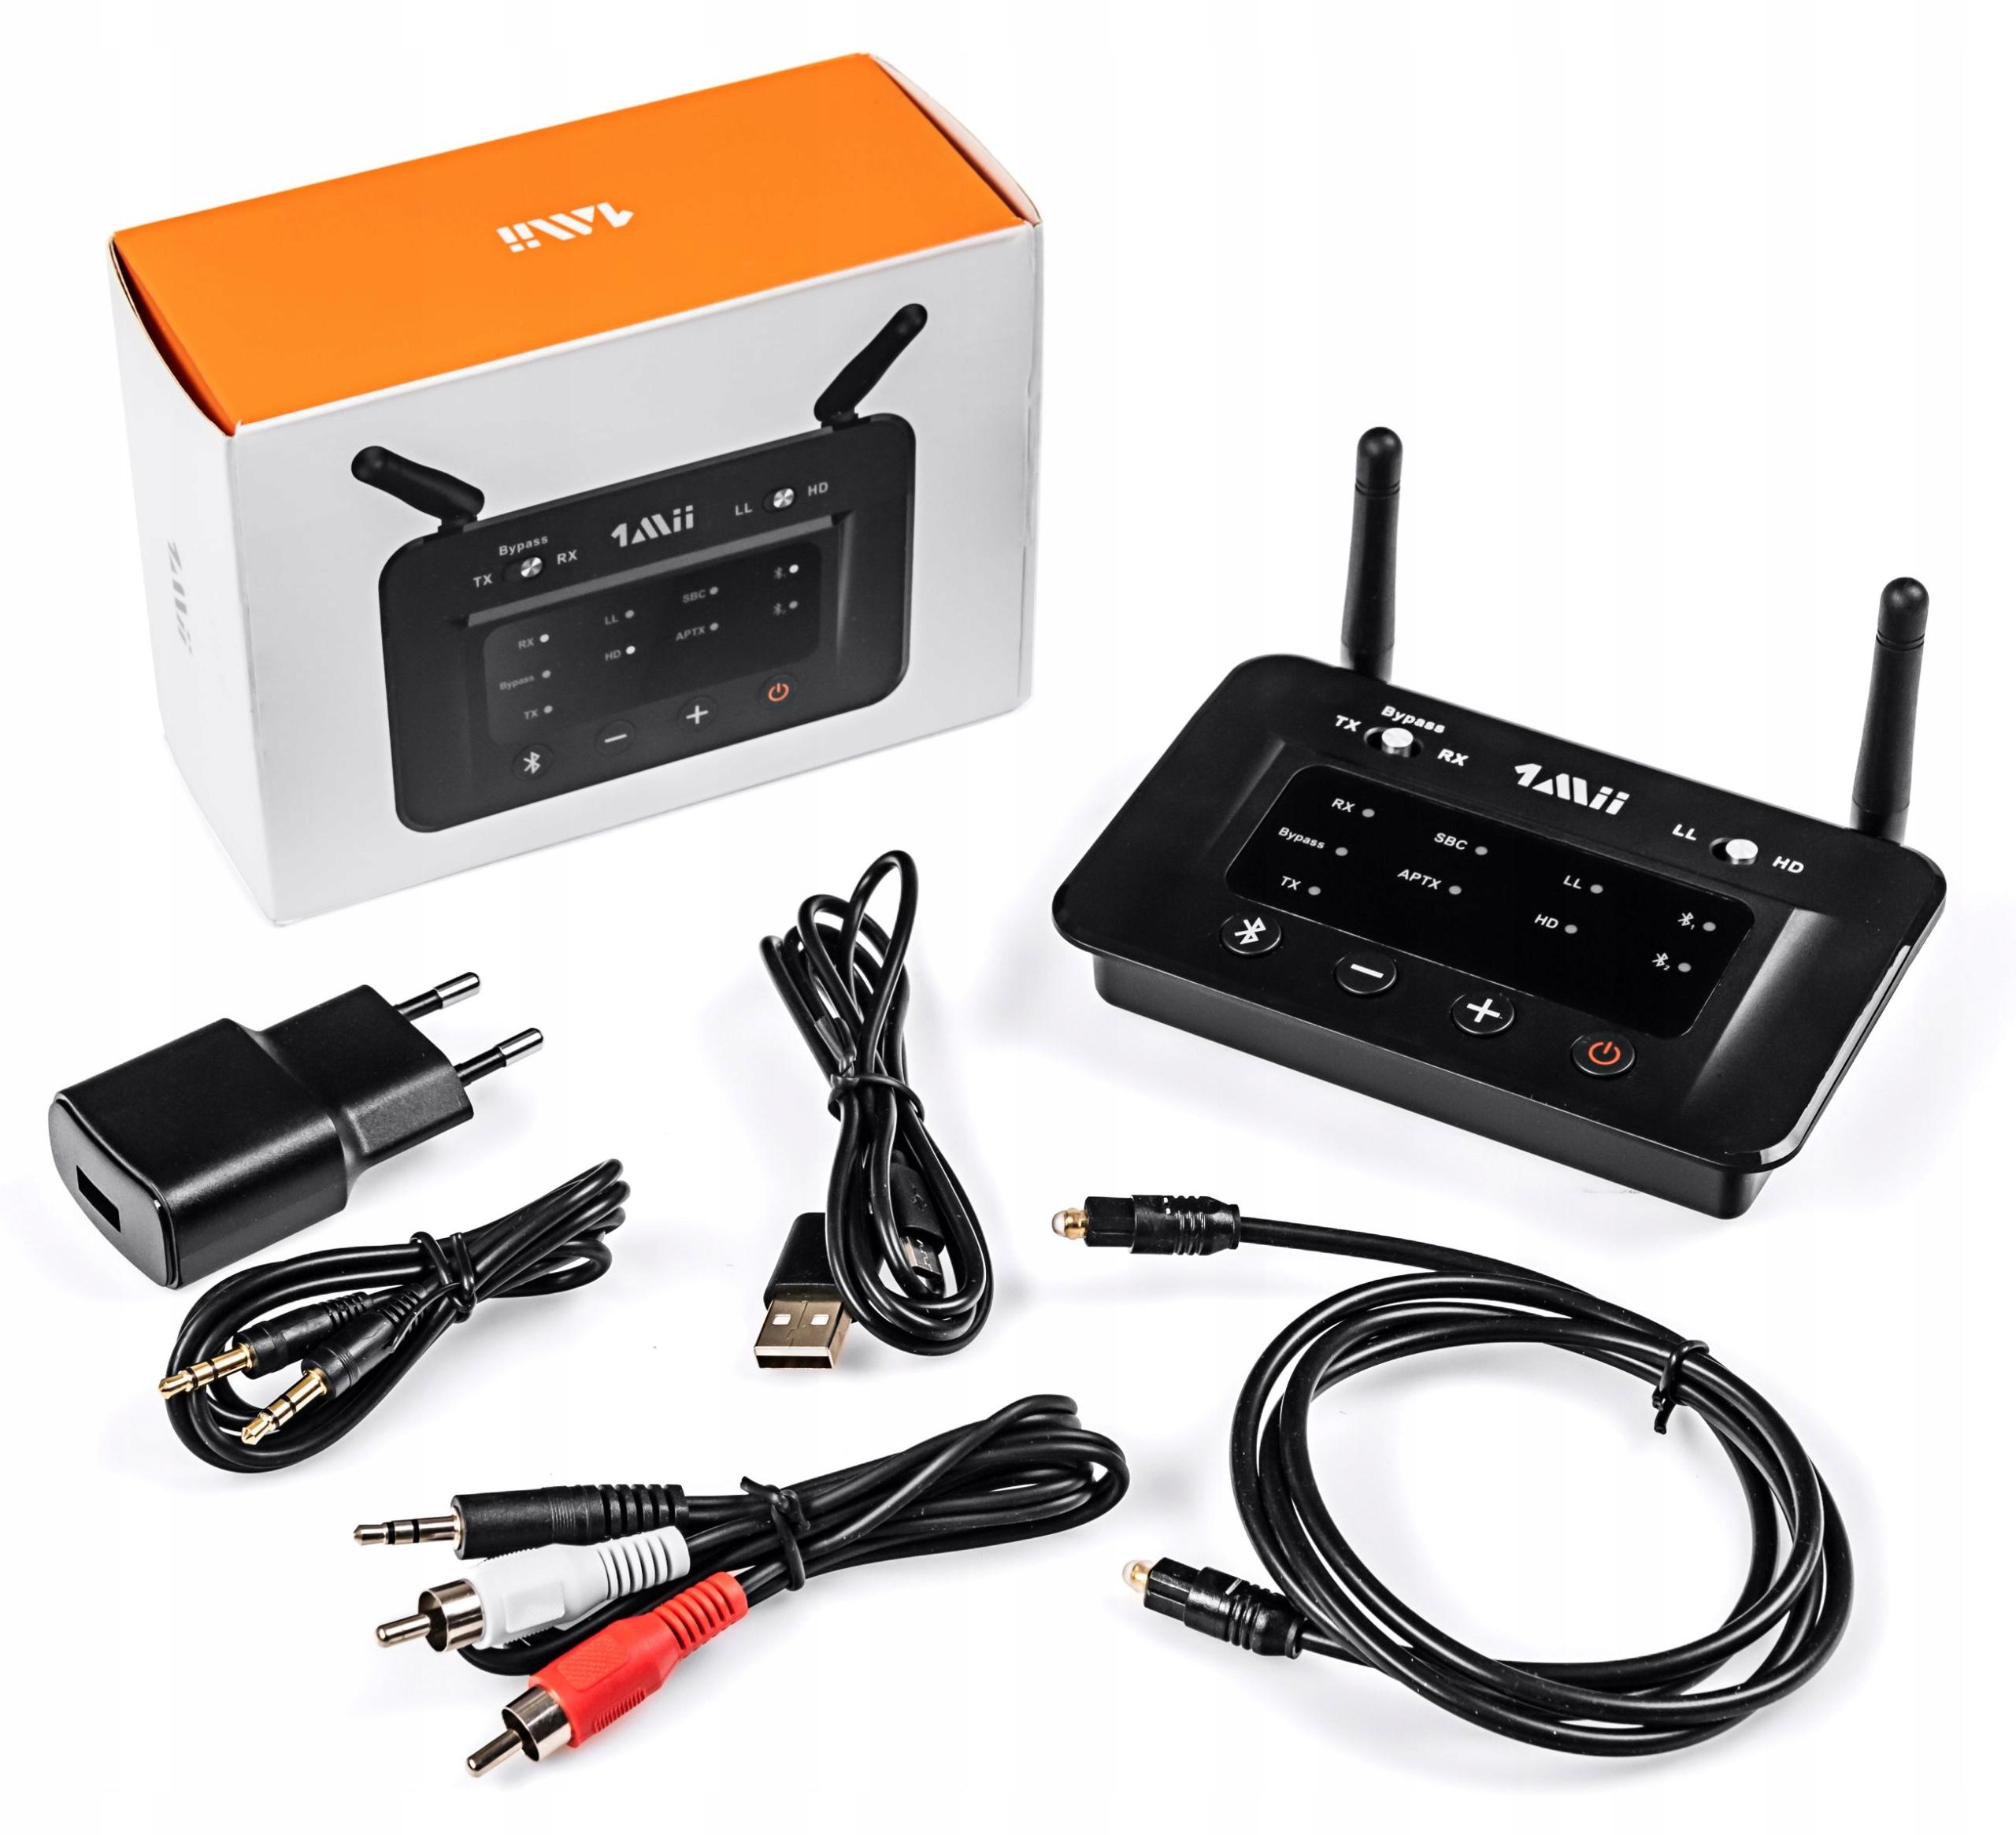 Nadajnik Odbiornik Bluetooth NFC 1Mii B03 do 70m